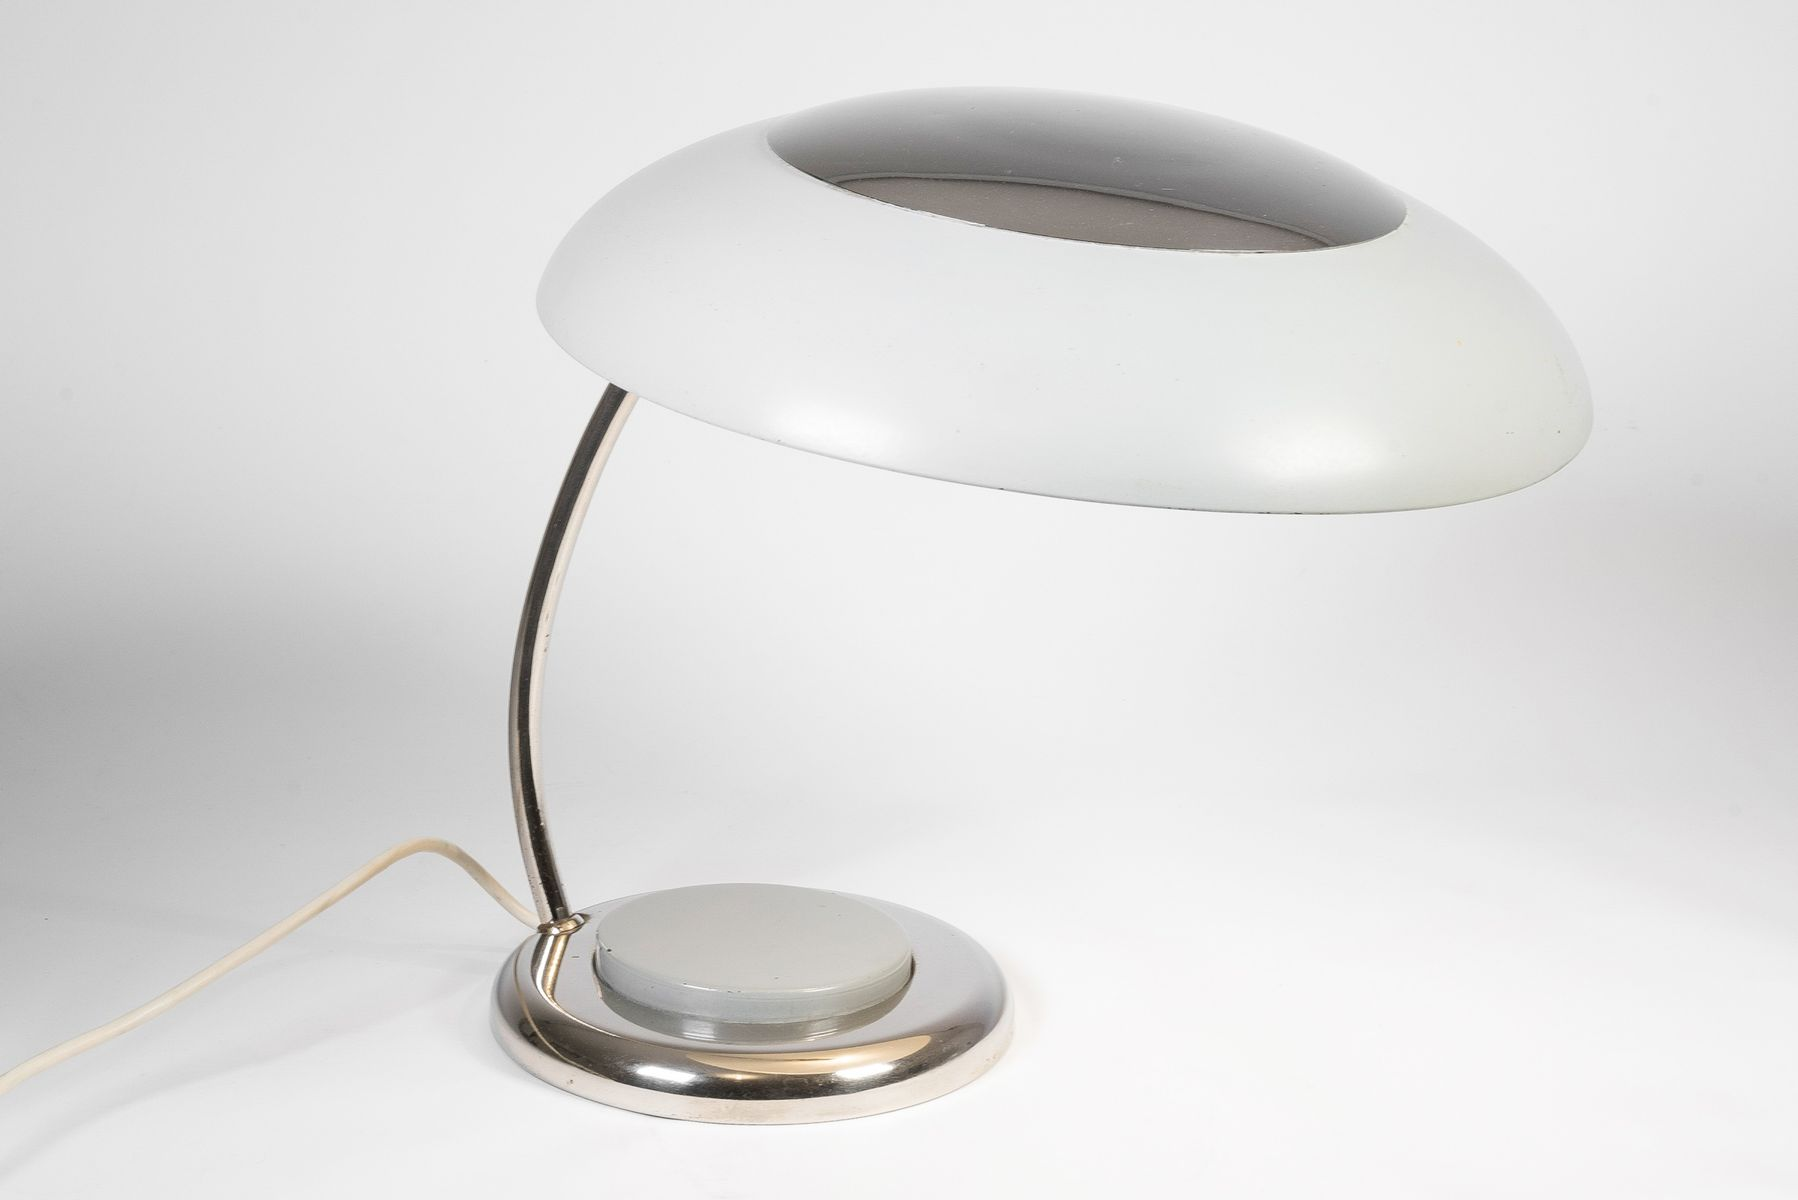 vintage tischlampe mit gebogenem schirm bei pamono kaufen. Black Bedroom Furniture Sets. Home Design Ideas